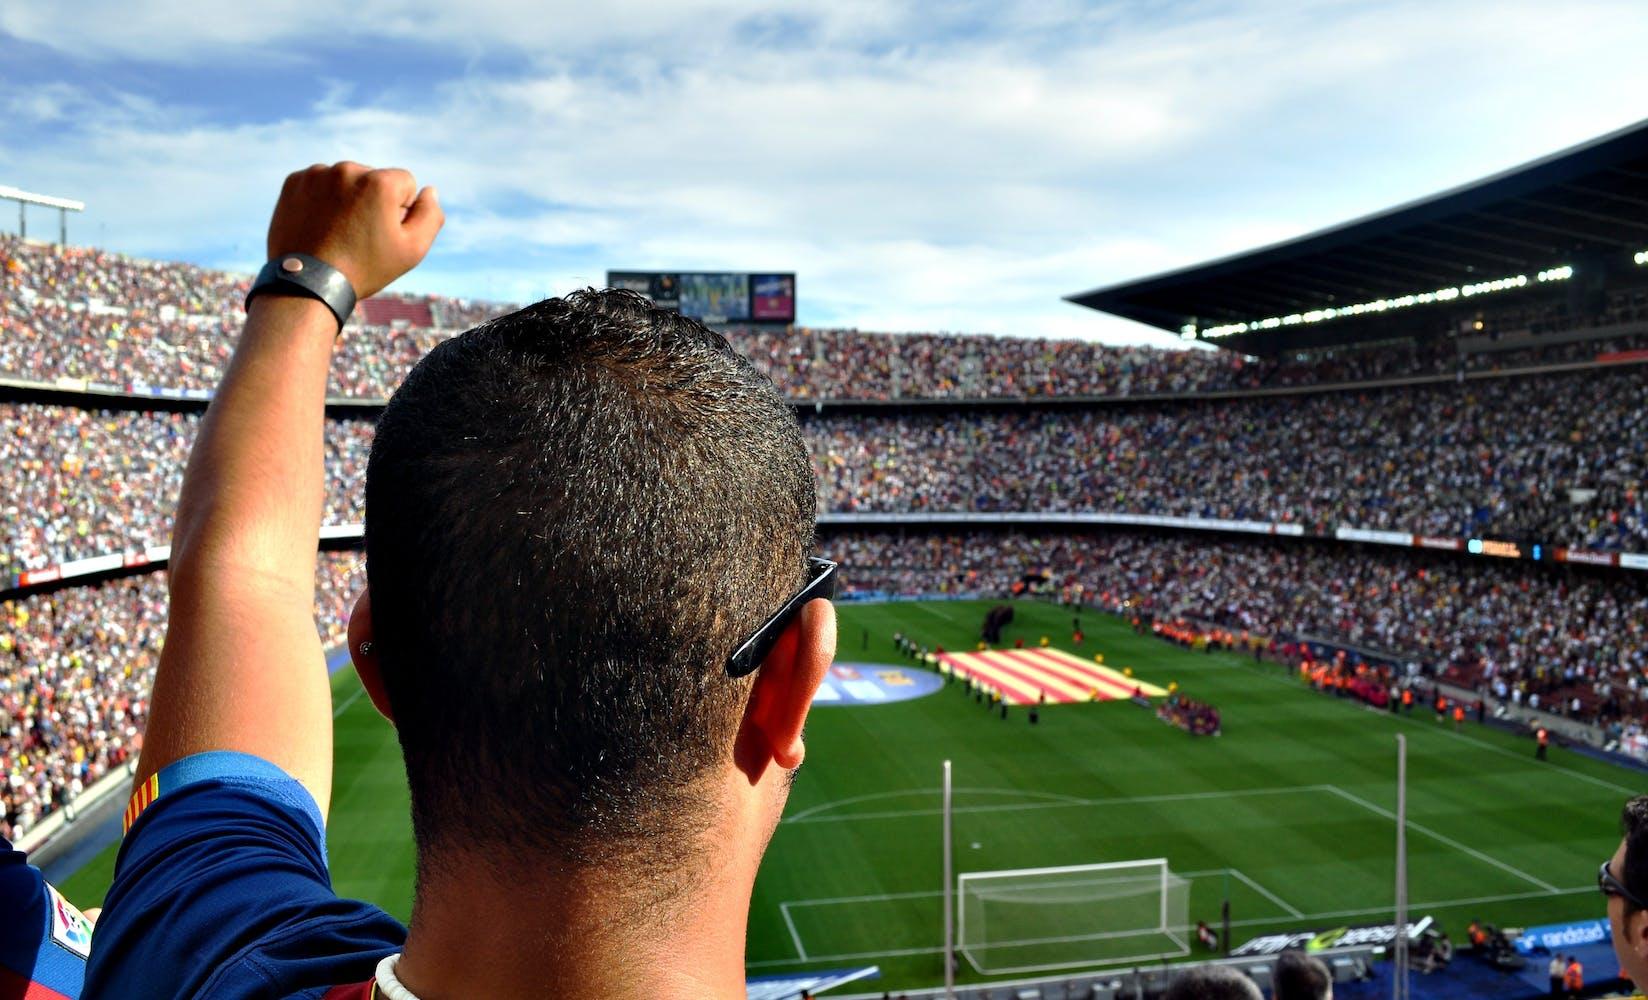 Man fan person football 54308